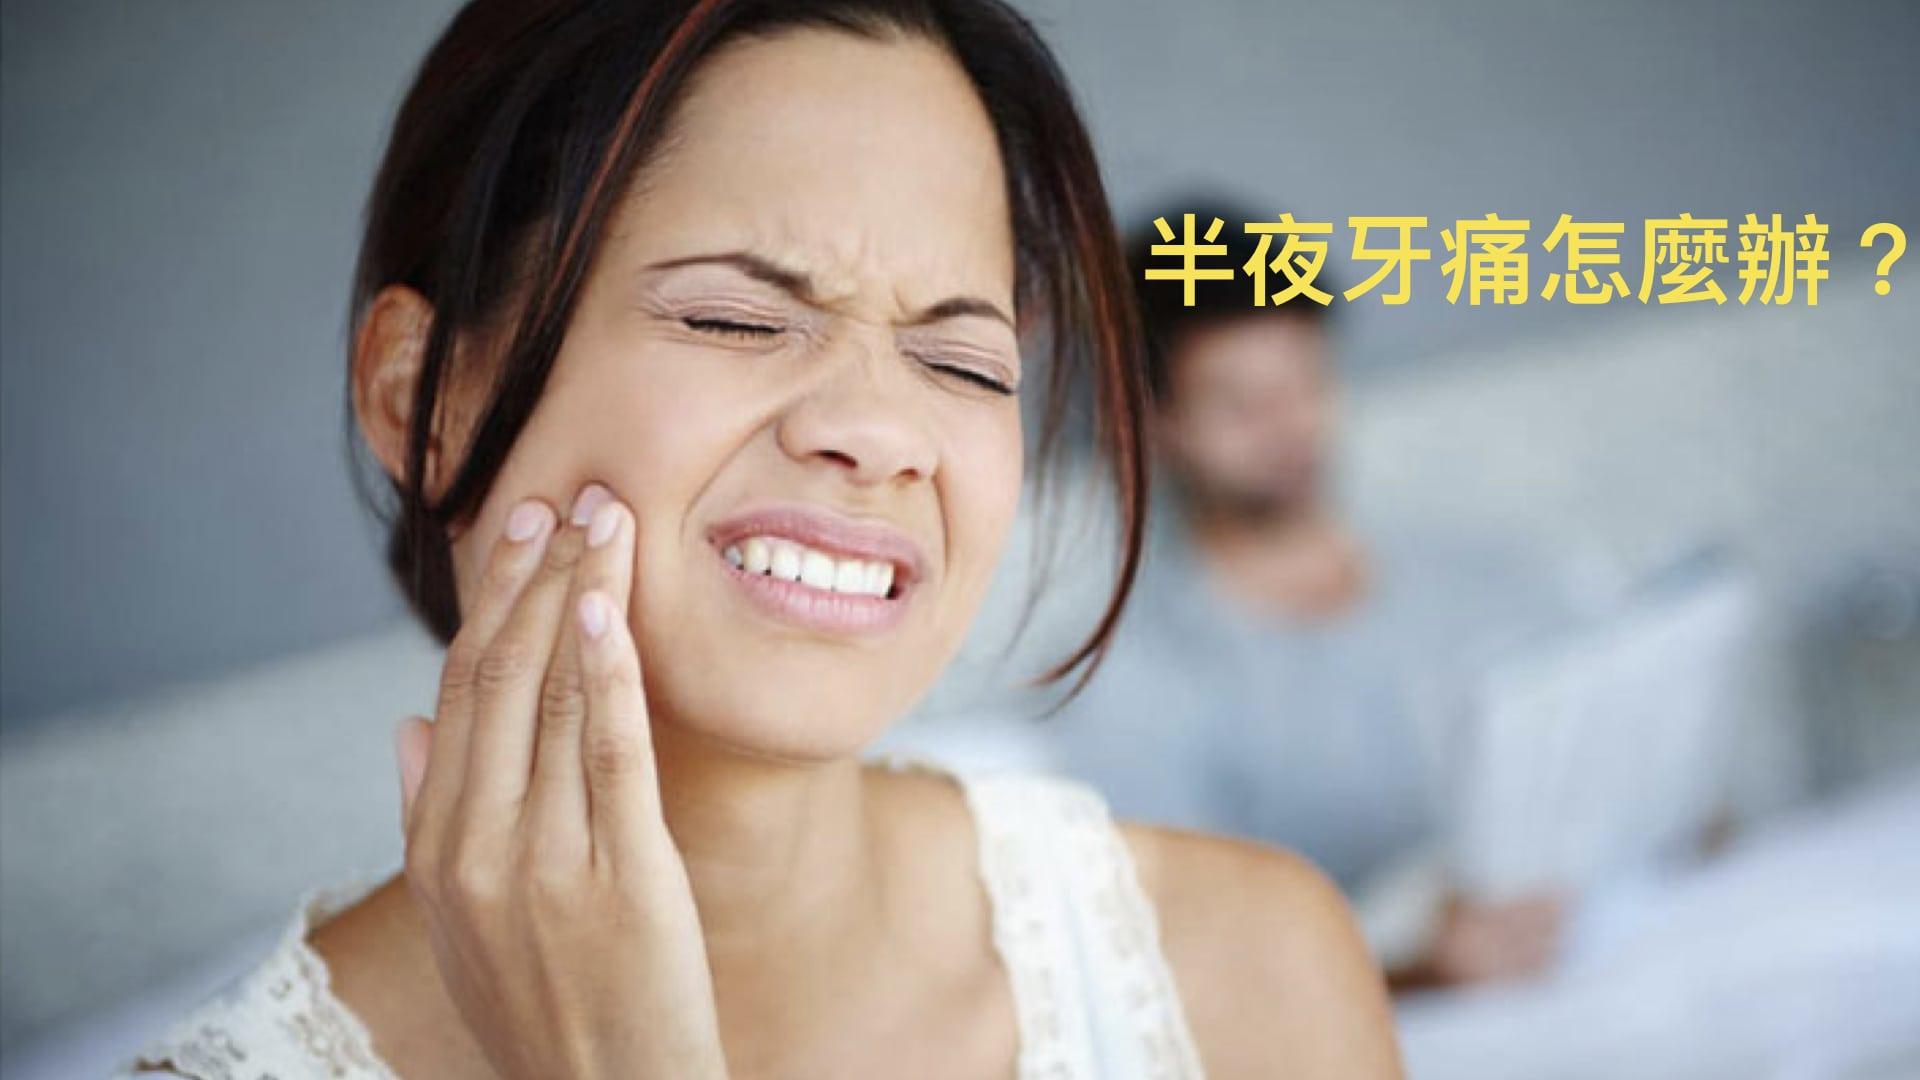 半夜牙痛怎麼辦